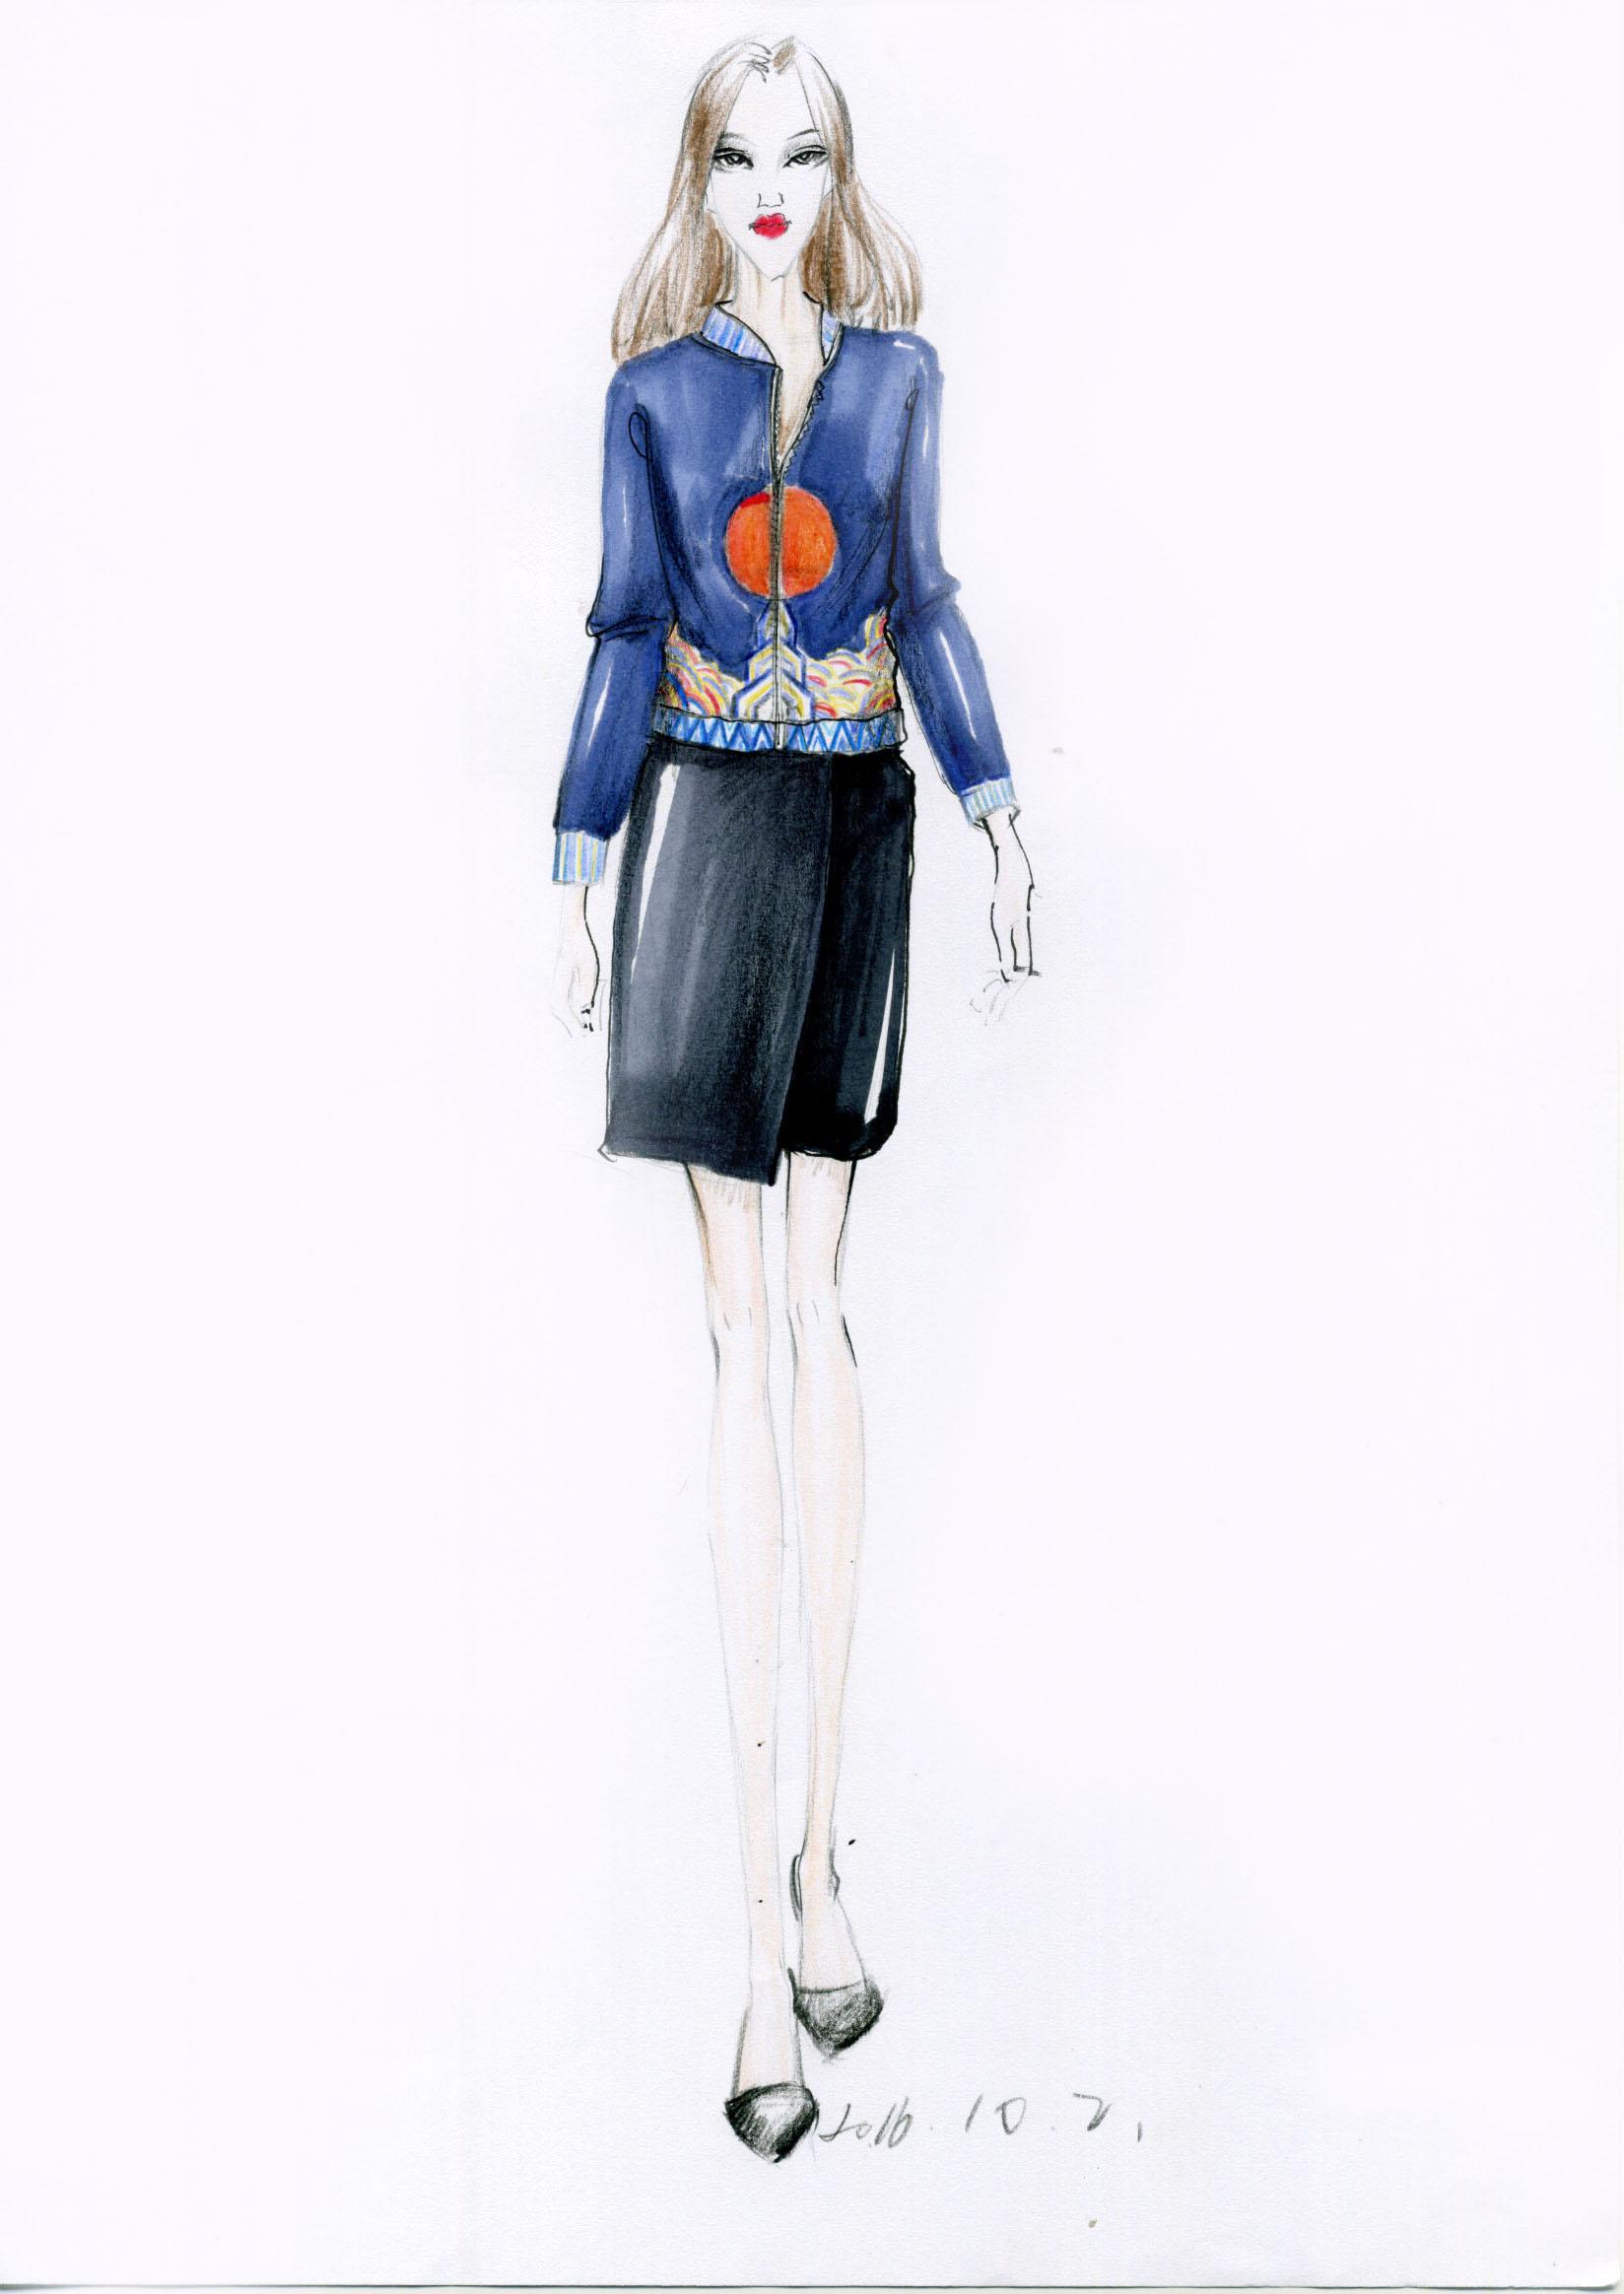 原创手绘作品|服装|休闲/流行服饰|我的西装传奇